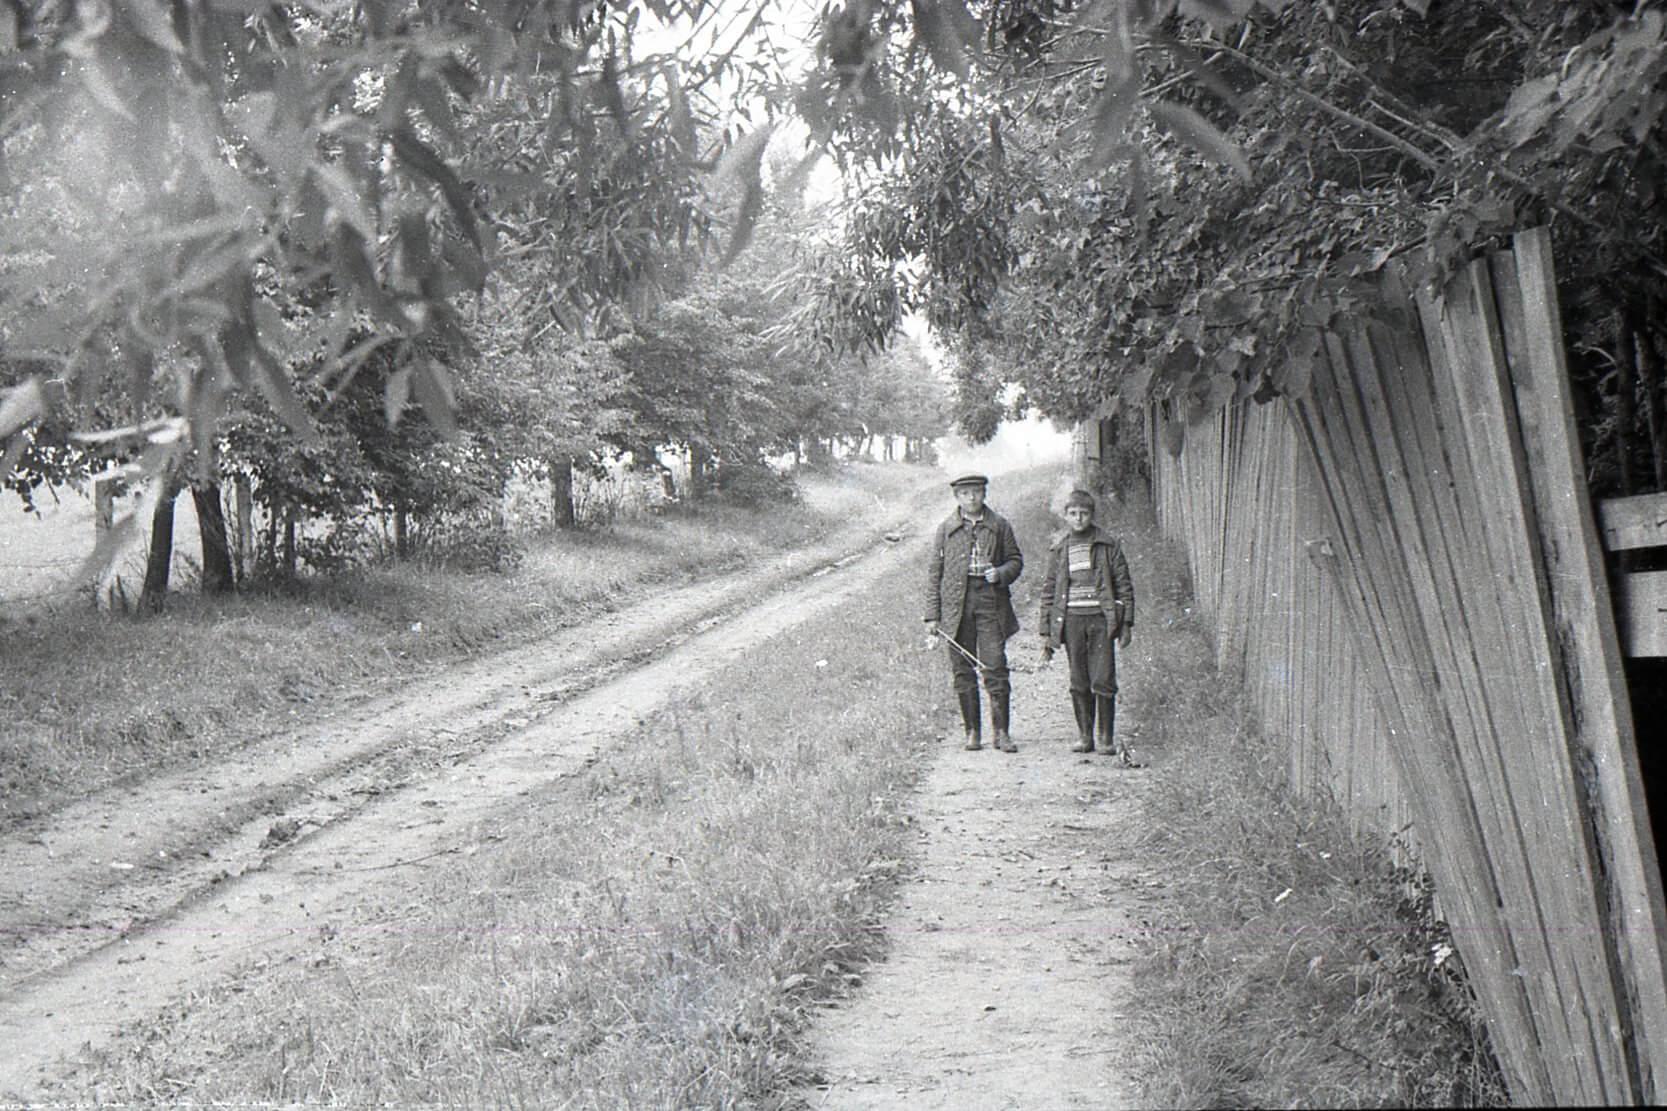 Справа забор сада. Фото из архива Дмитрия Мещерякова.